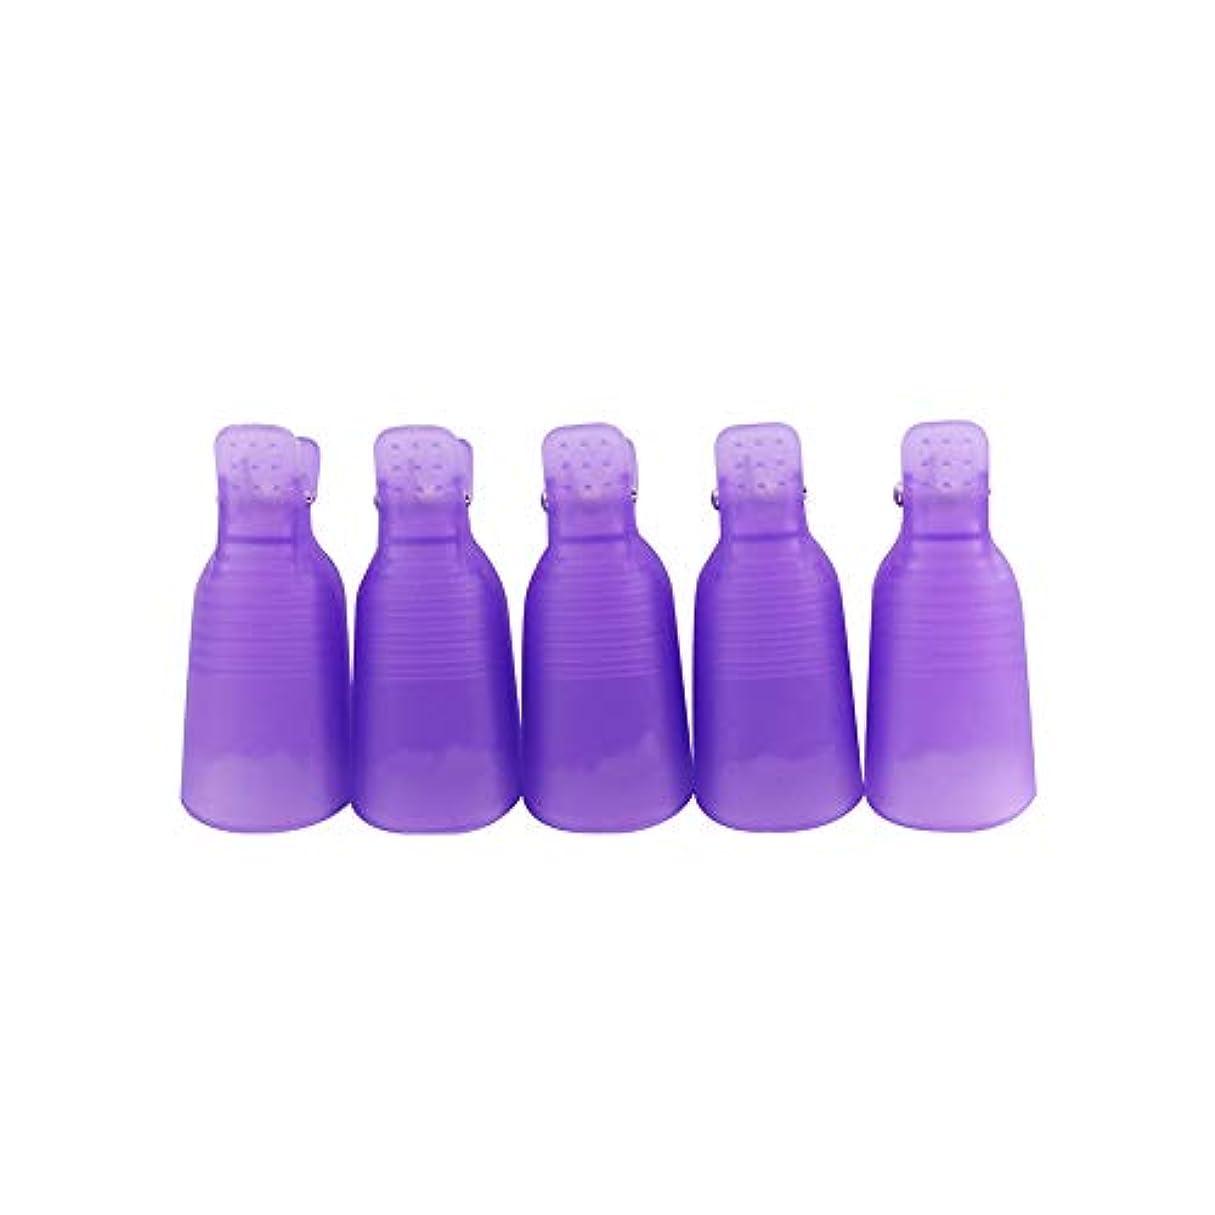 同情ピークシール5マニキュアUV接着パッドは、キャップリムーバーツールネイルネイルポリッシュリムーバー再利用可能なシリコーンはラップまたはオフに浸した家庭用のサロン(紫)